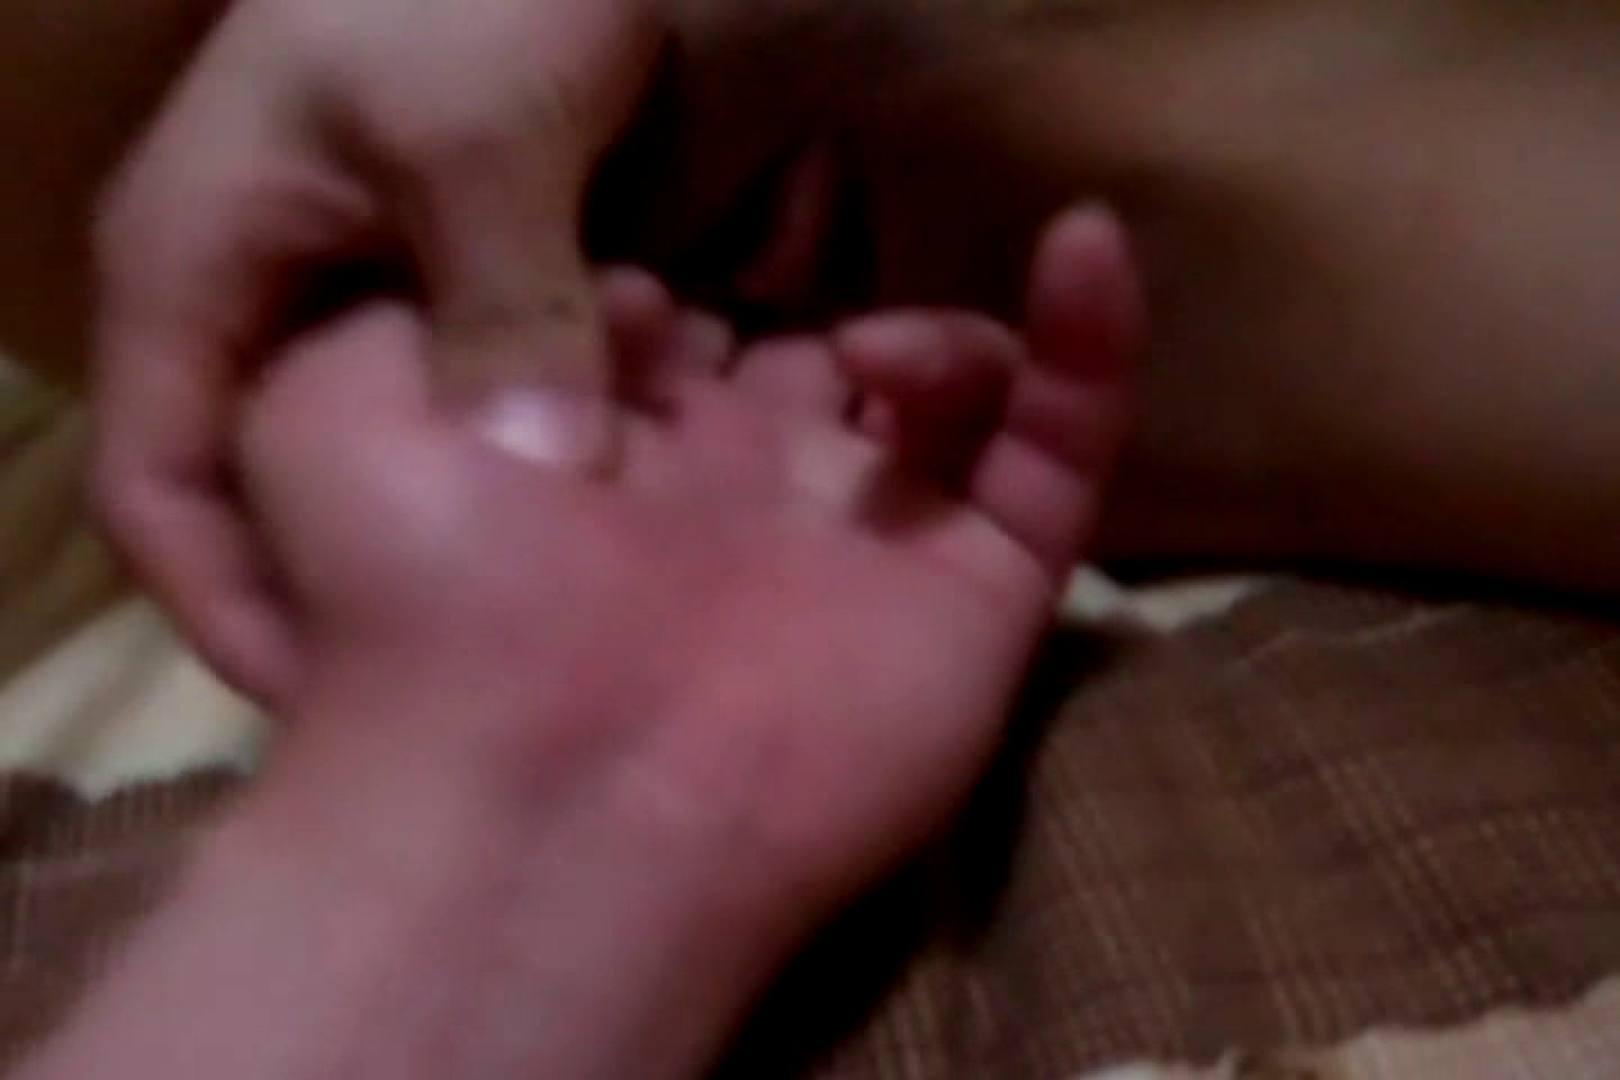 ウイルス流出 Ownerのハメ撮り映像 無修正マンコ  61PIX 22